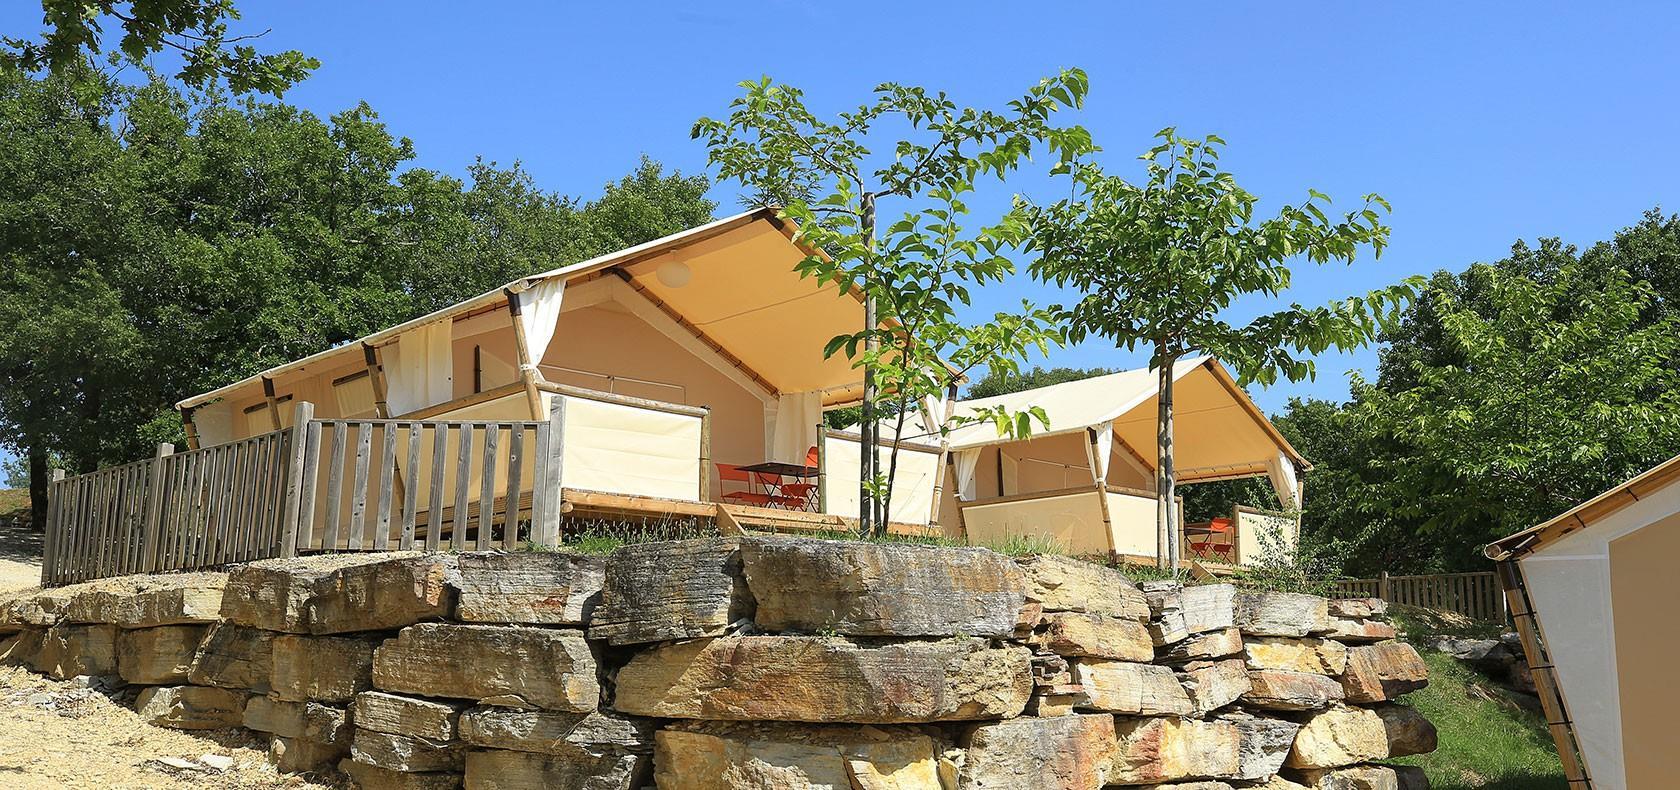 Camping Campeole les Reflets du Quercy, Crayssac, Lot